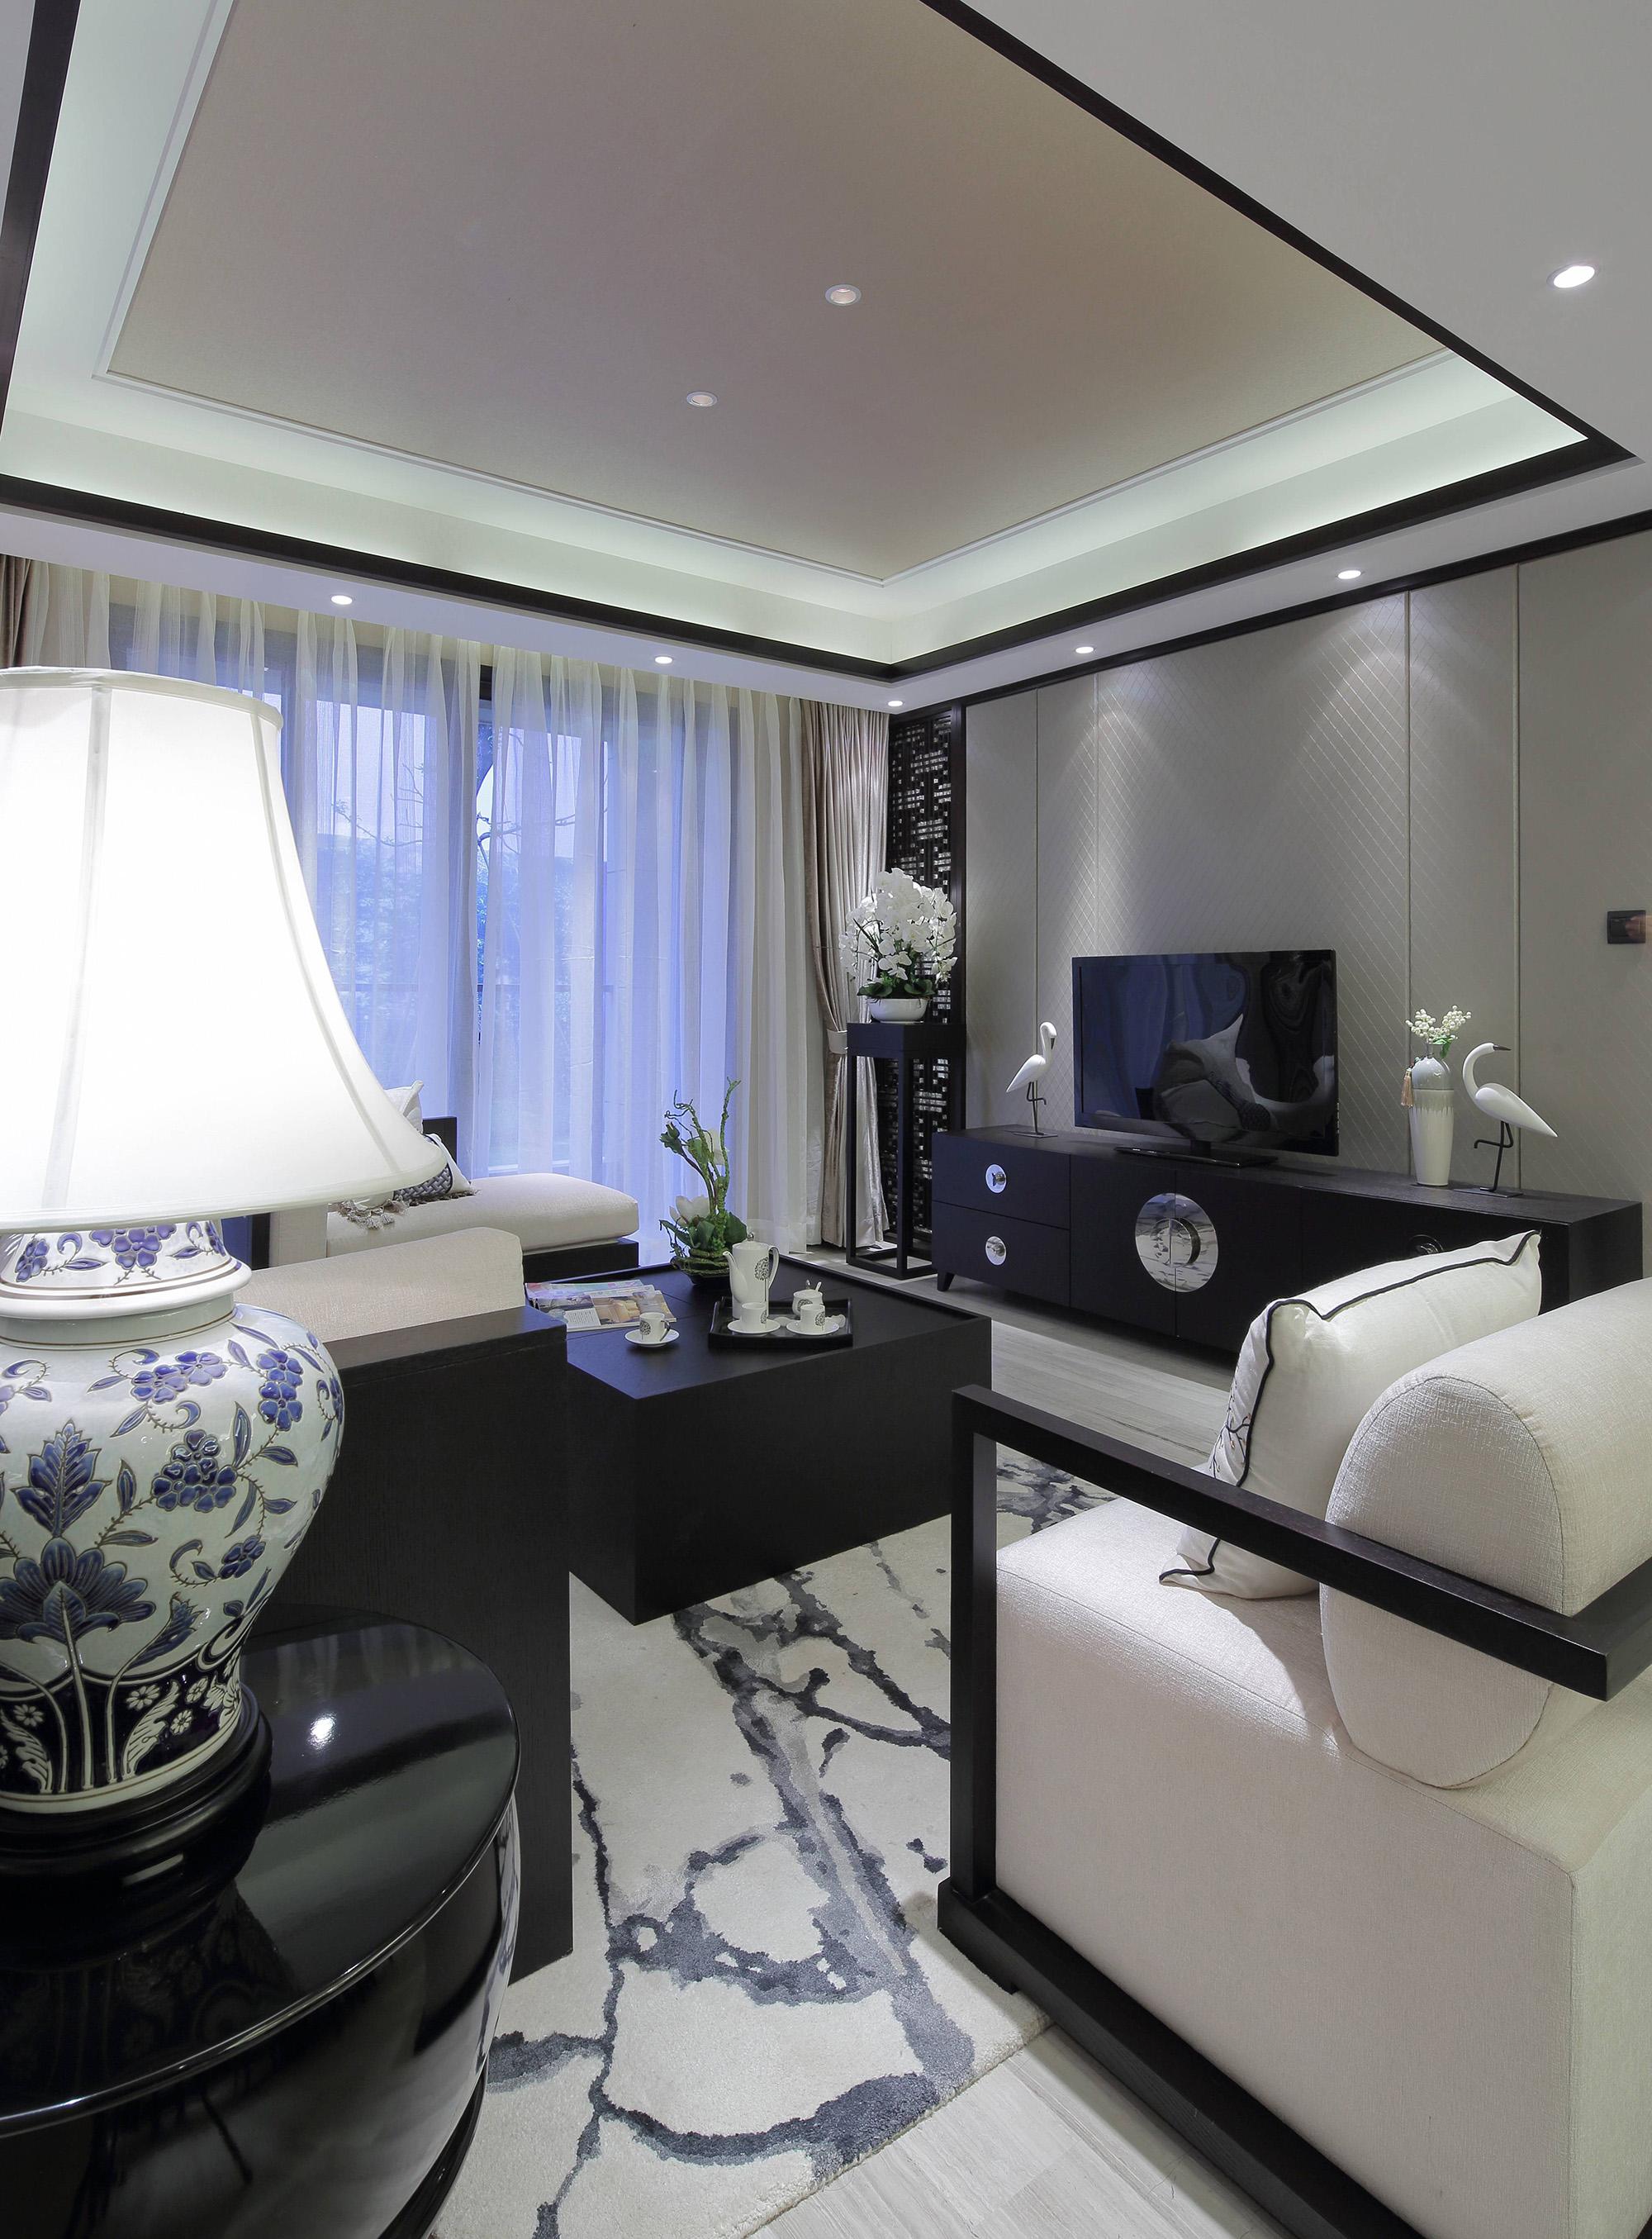 新中式风格样板房客厅装修效果图